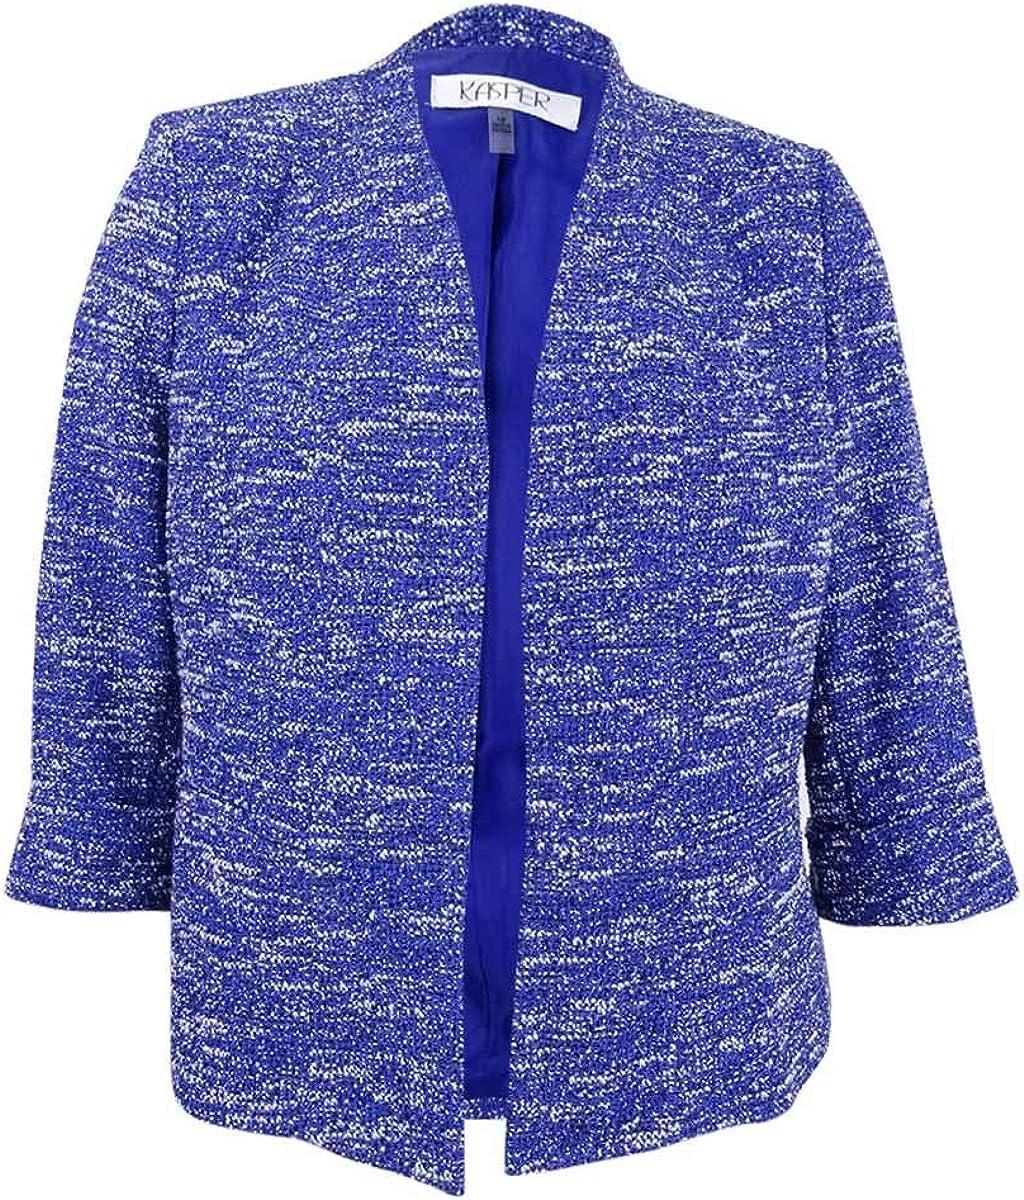 Kasper Women's Plus Size Wide Lapel Knit Tweed Jacket